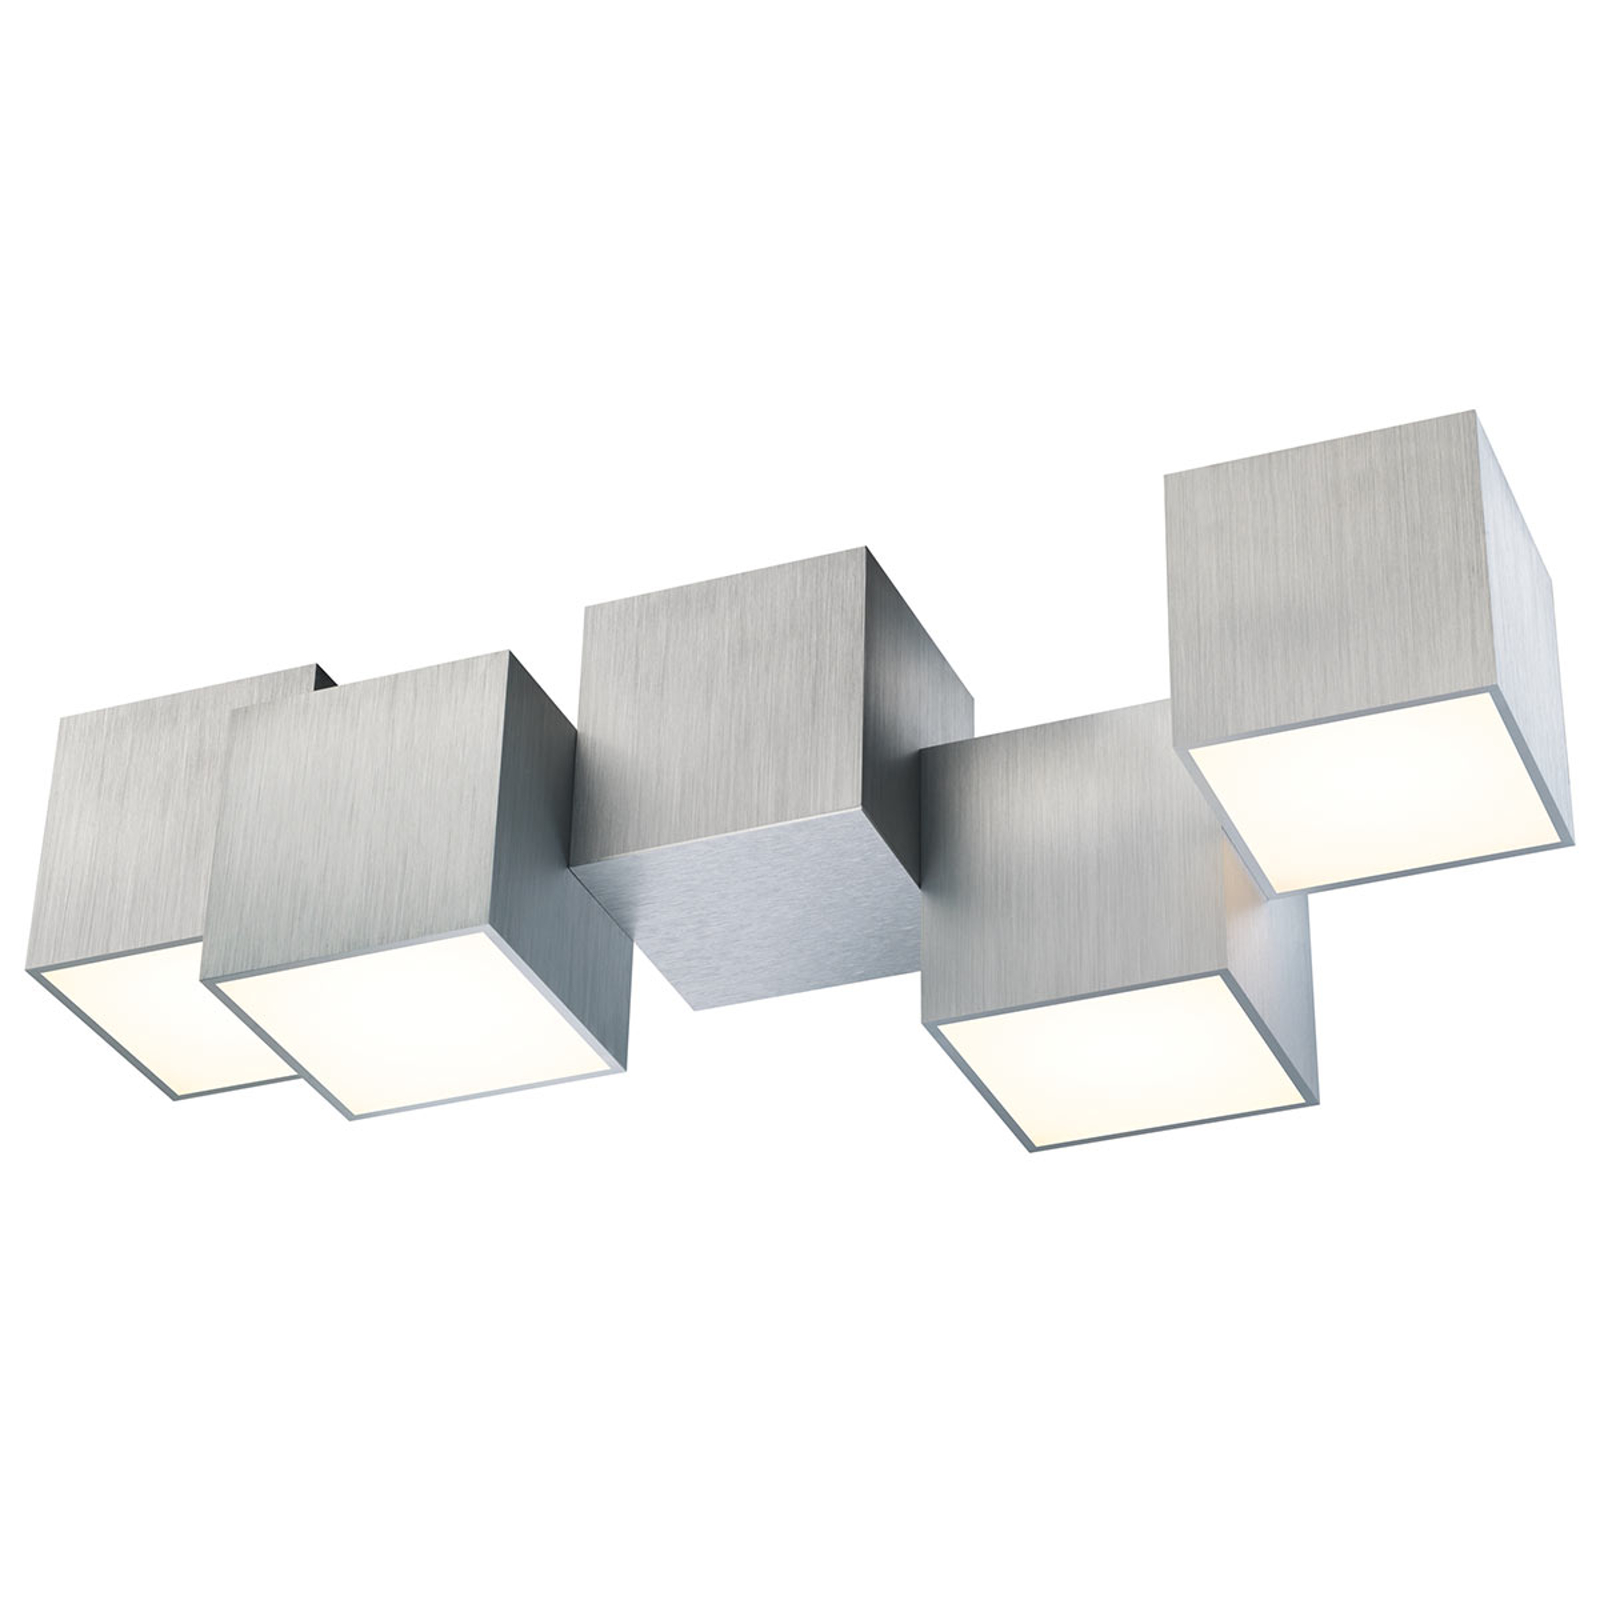 GROSSMANN Rocks LED-taklampe, 4 lyskilder